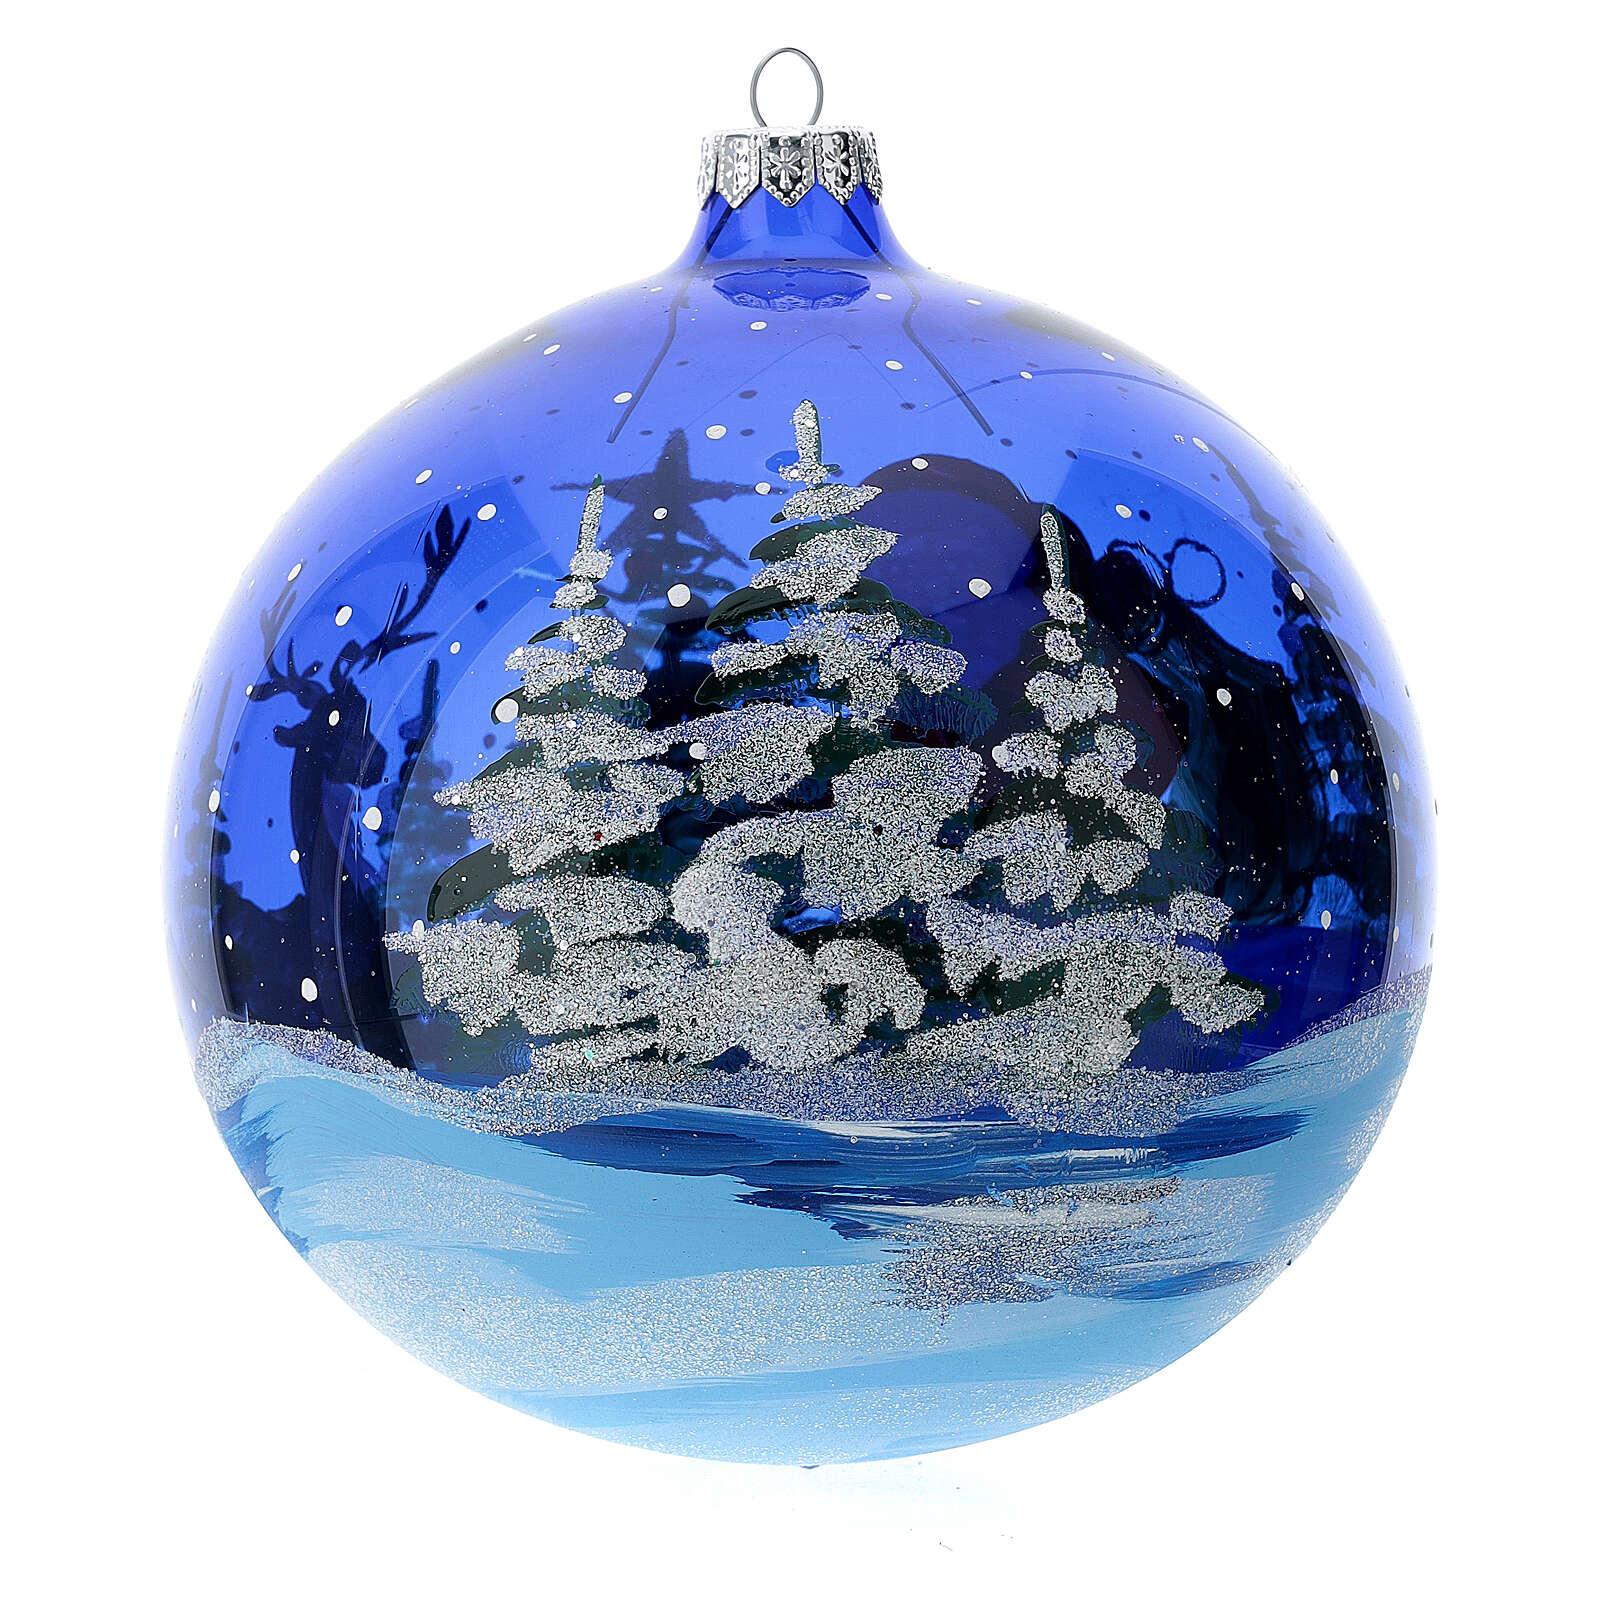 Weihnachtskugel aus transparentem blauen Glas Motiv Weihnachtsmann mit Geschenken 150 mm 4